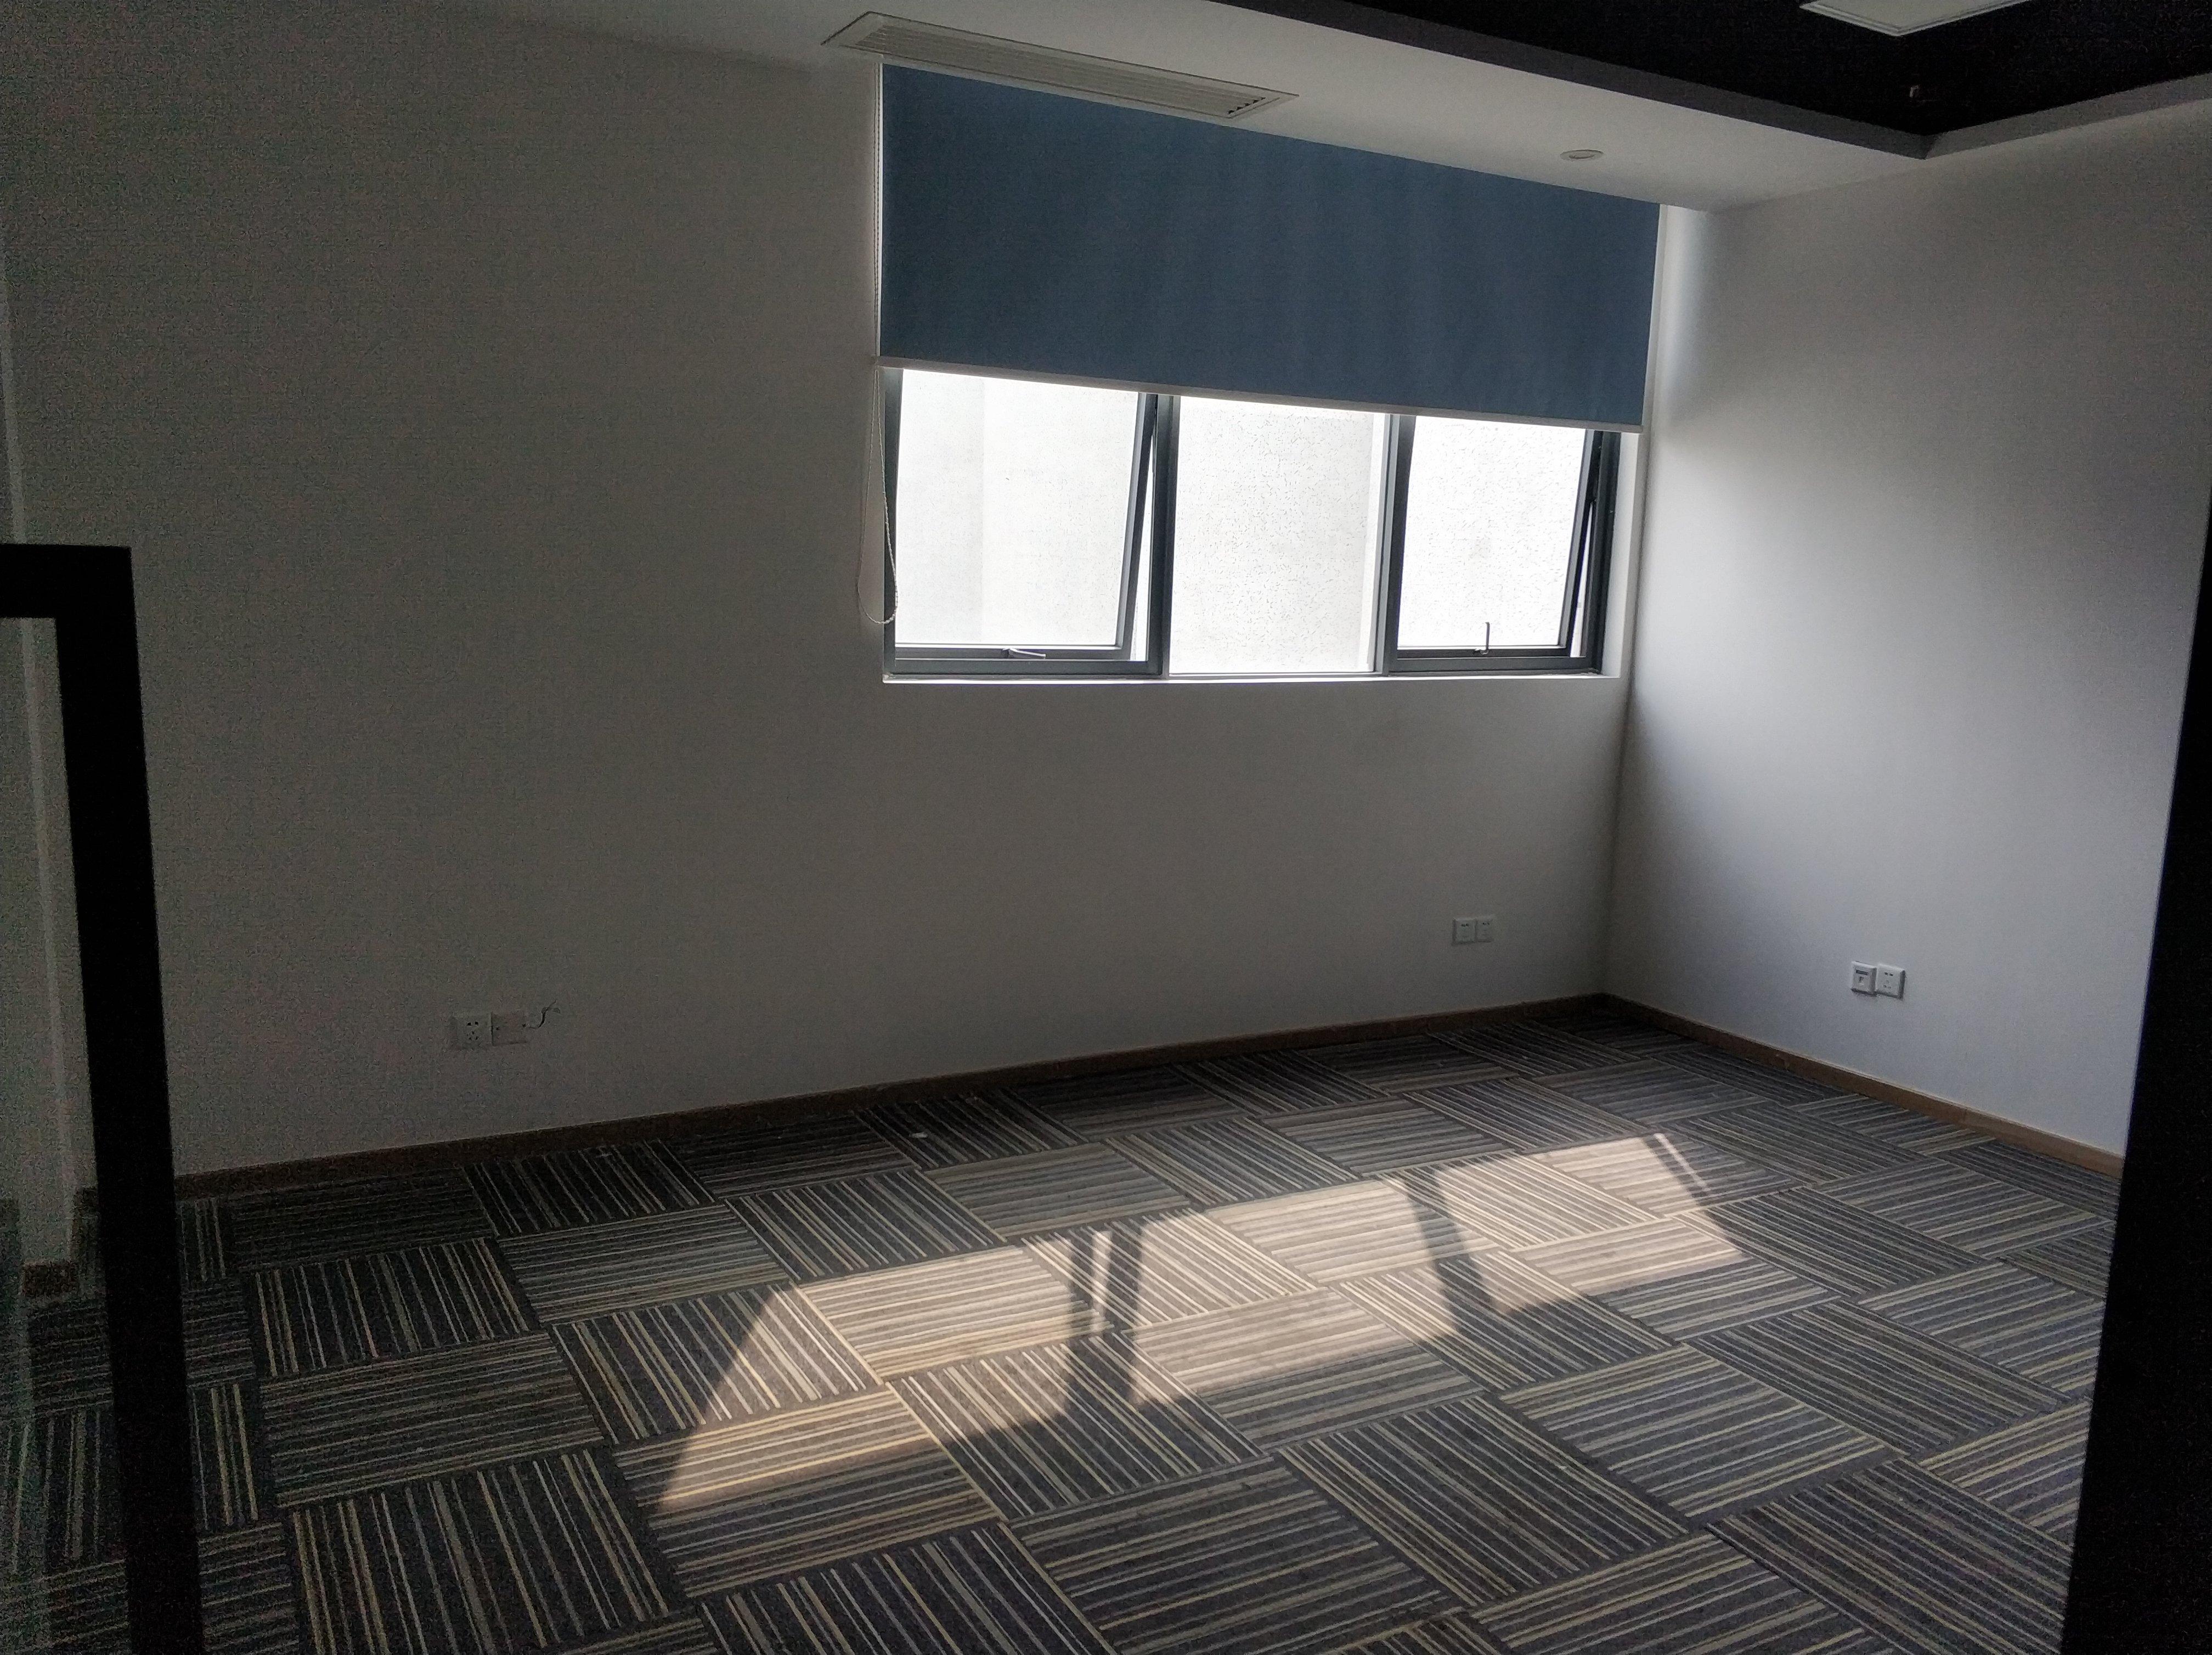 南山科技园38平小面积仓库,3300元低价打包出租